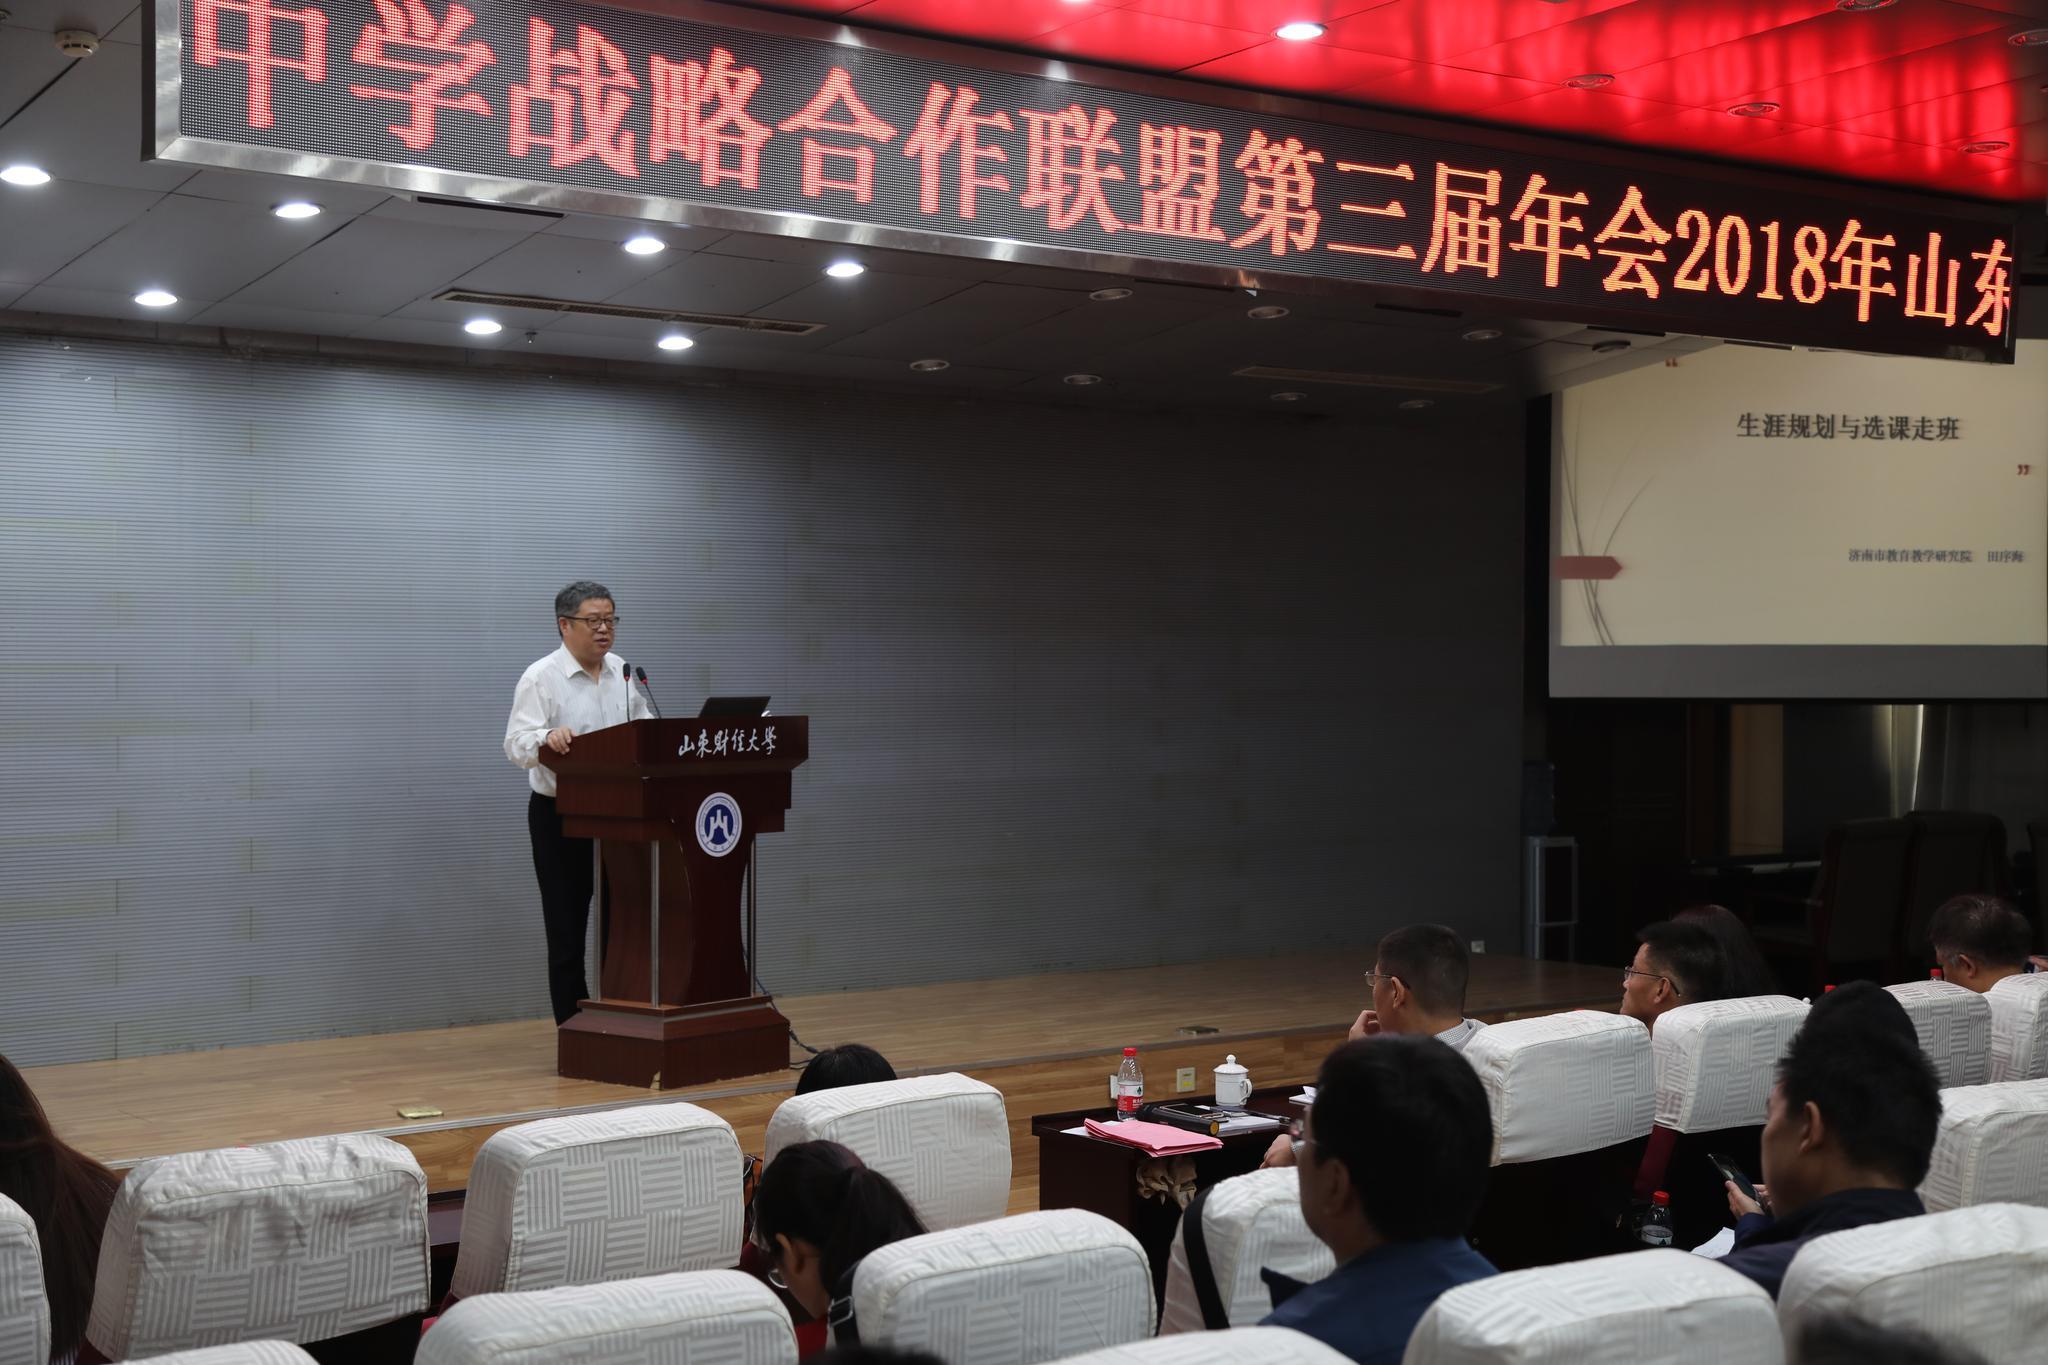 2018山东高考招生改革业务研讨会召开